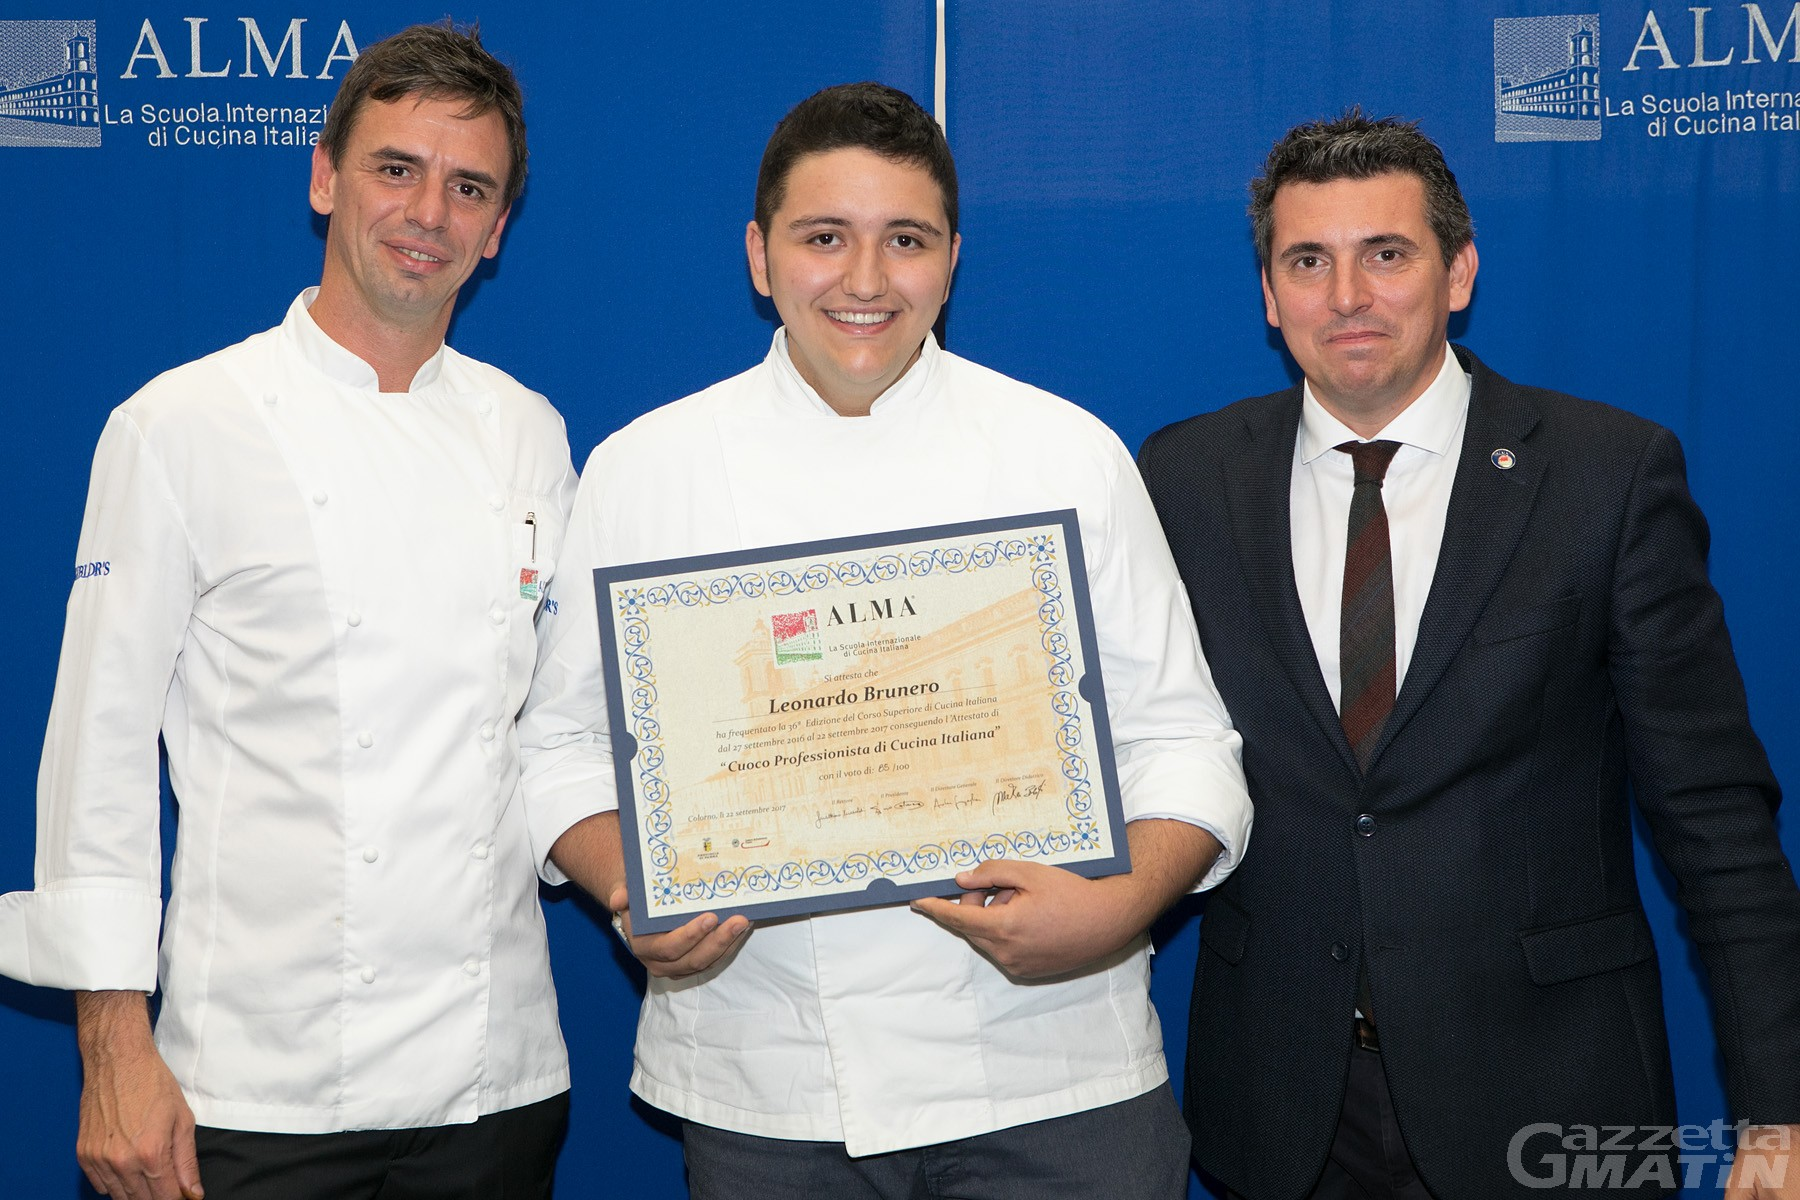 ALMA: Leonardo Brunero Cuoco professionista